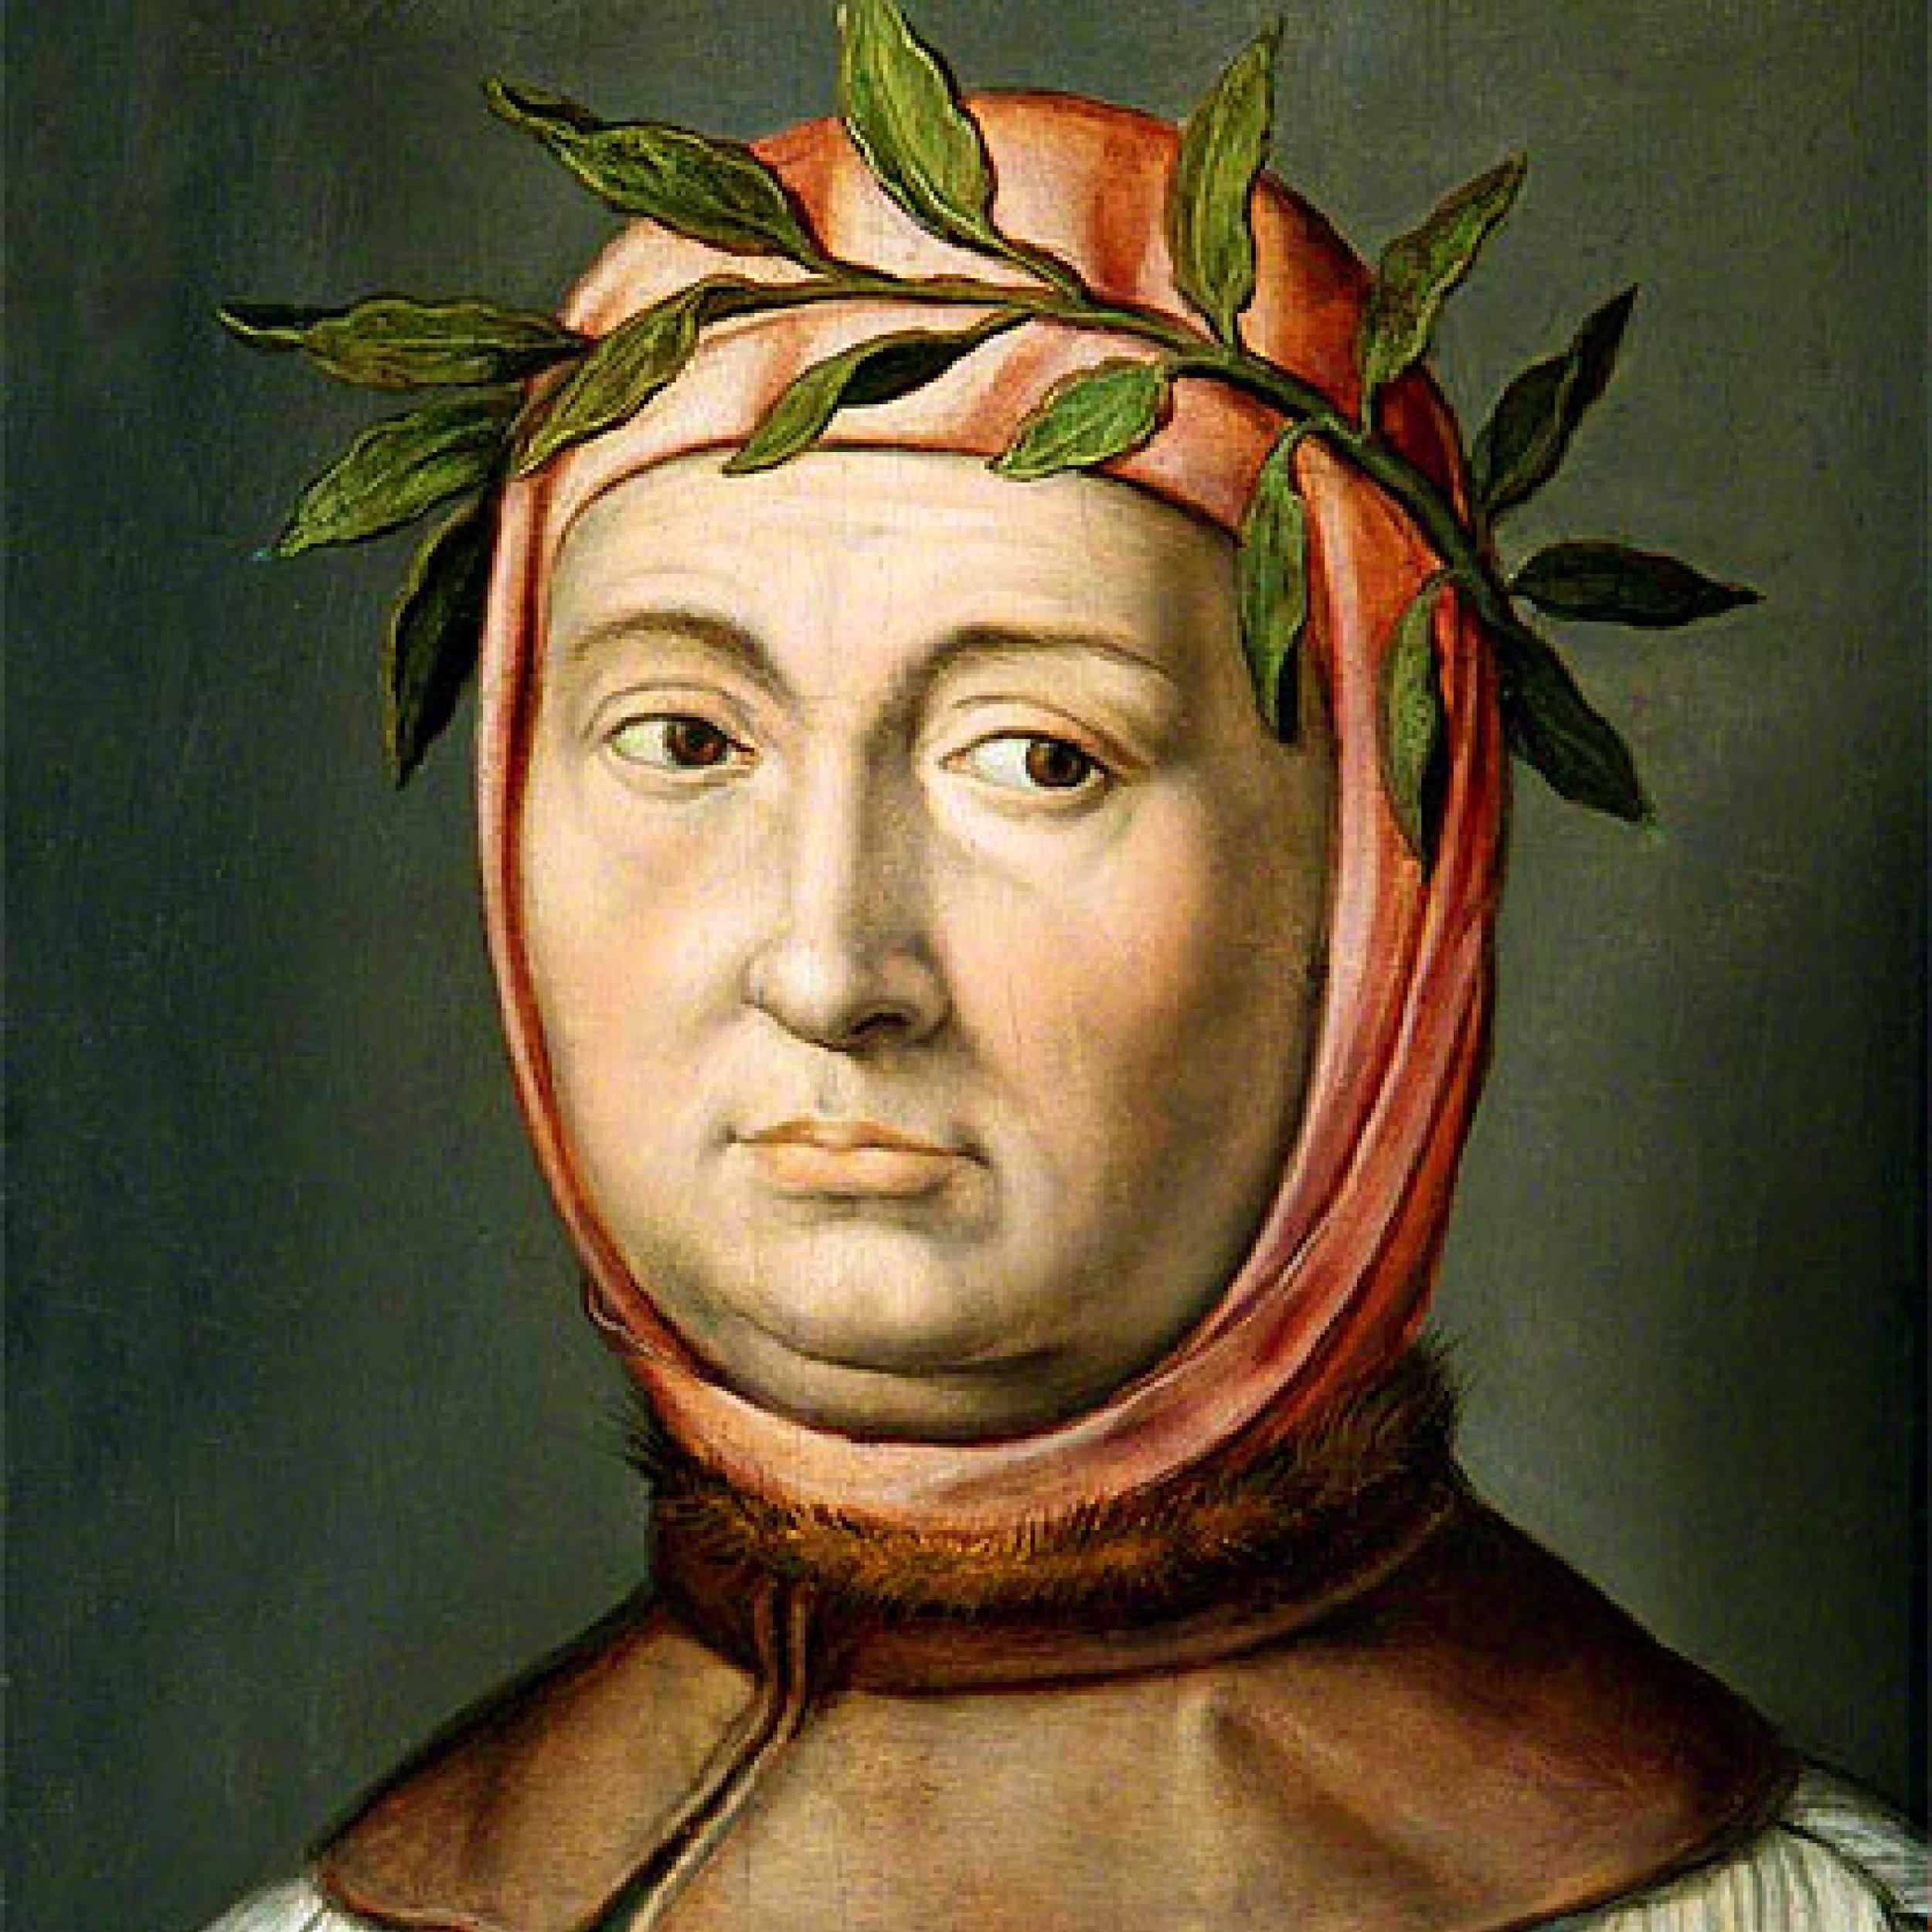 Podcast: Francesco Petrarca